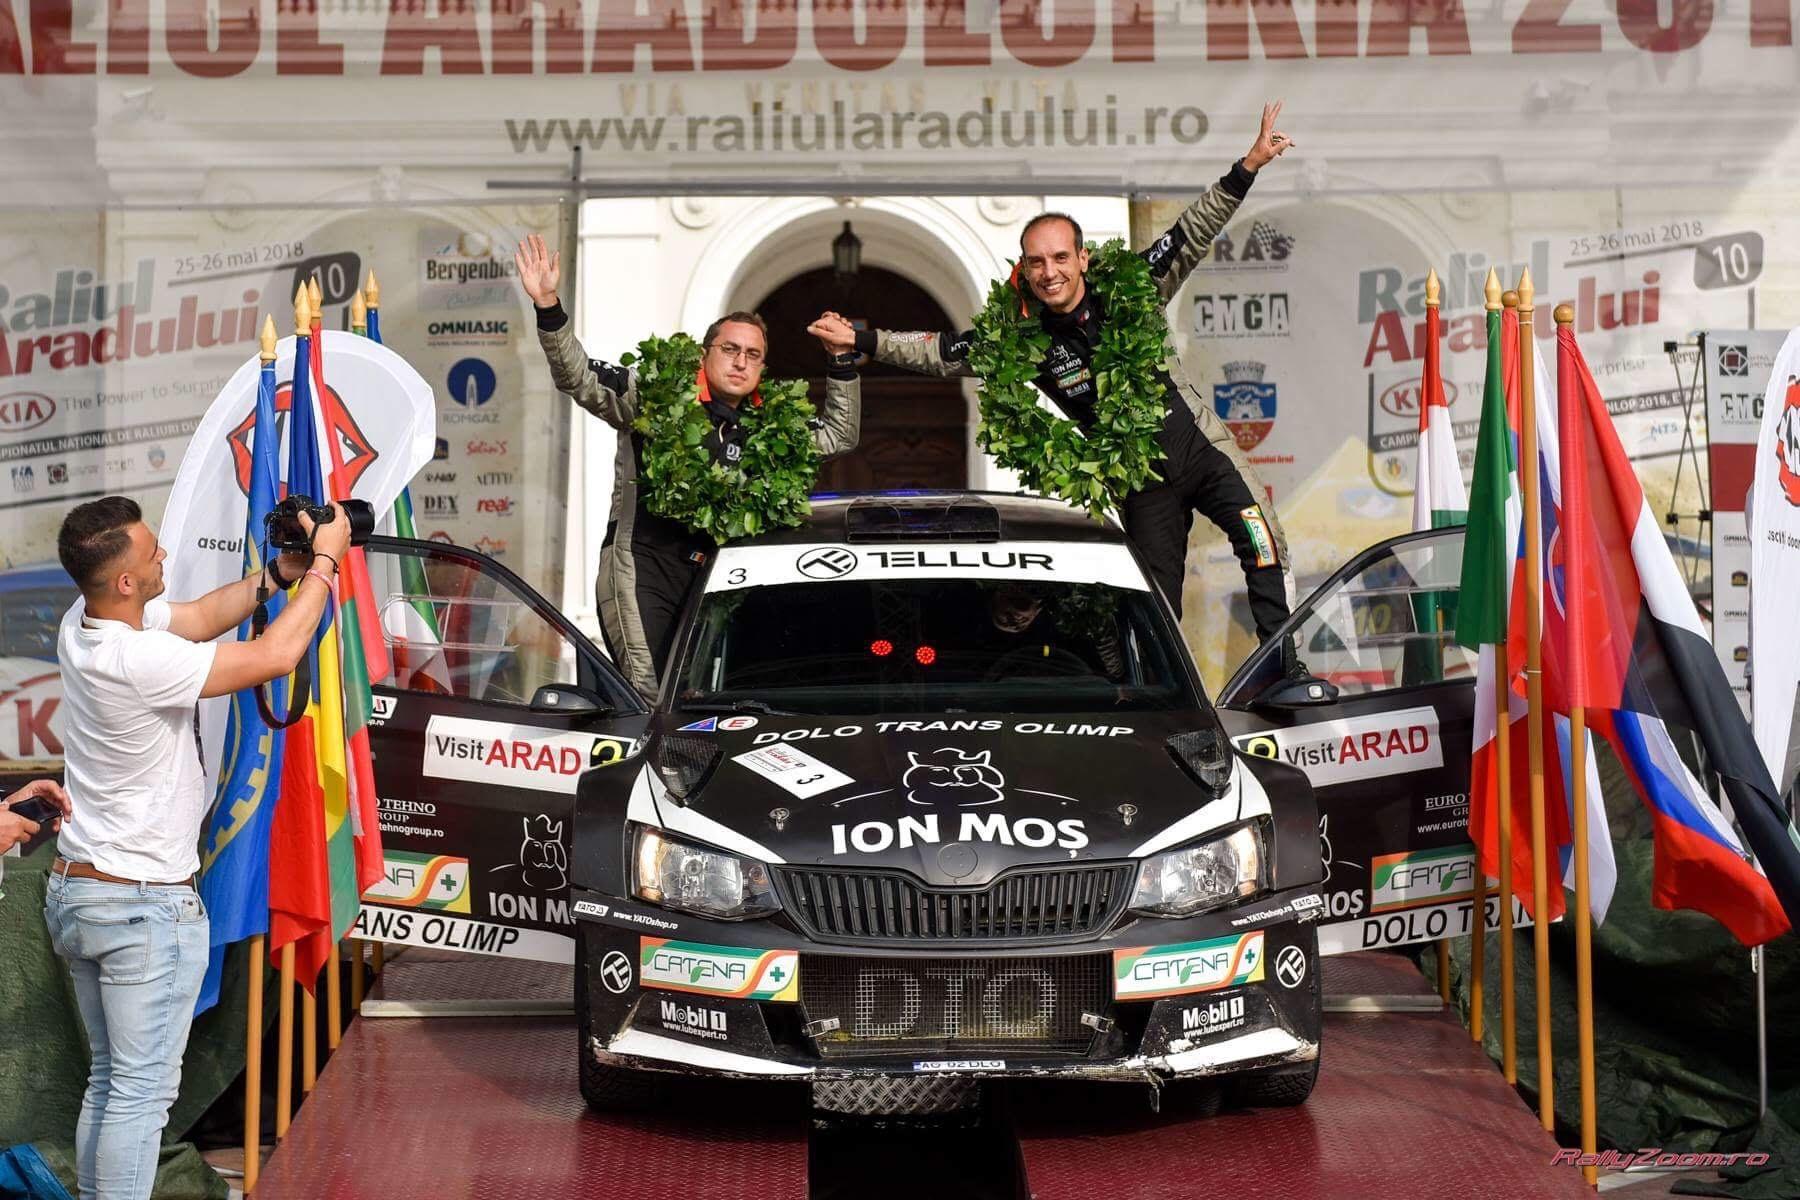 5B721F88-0F2A-46F4-8D13-208231C07D80 Vali Porcișteanu și DTO Tellur Rally Team au găsit în Vest pepitele succesului